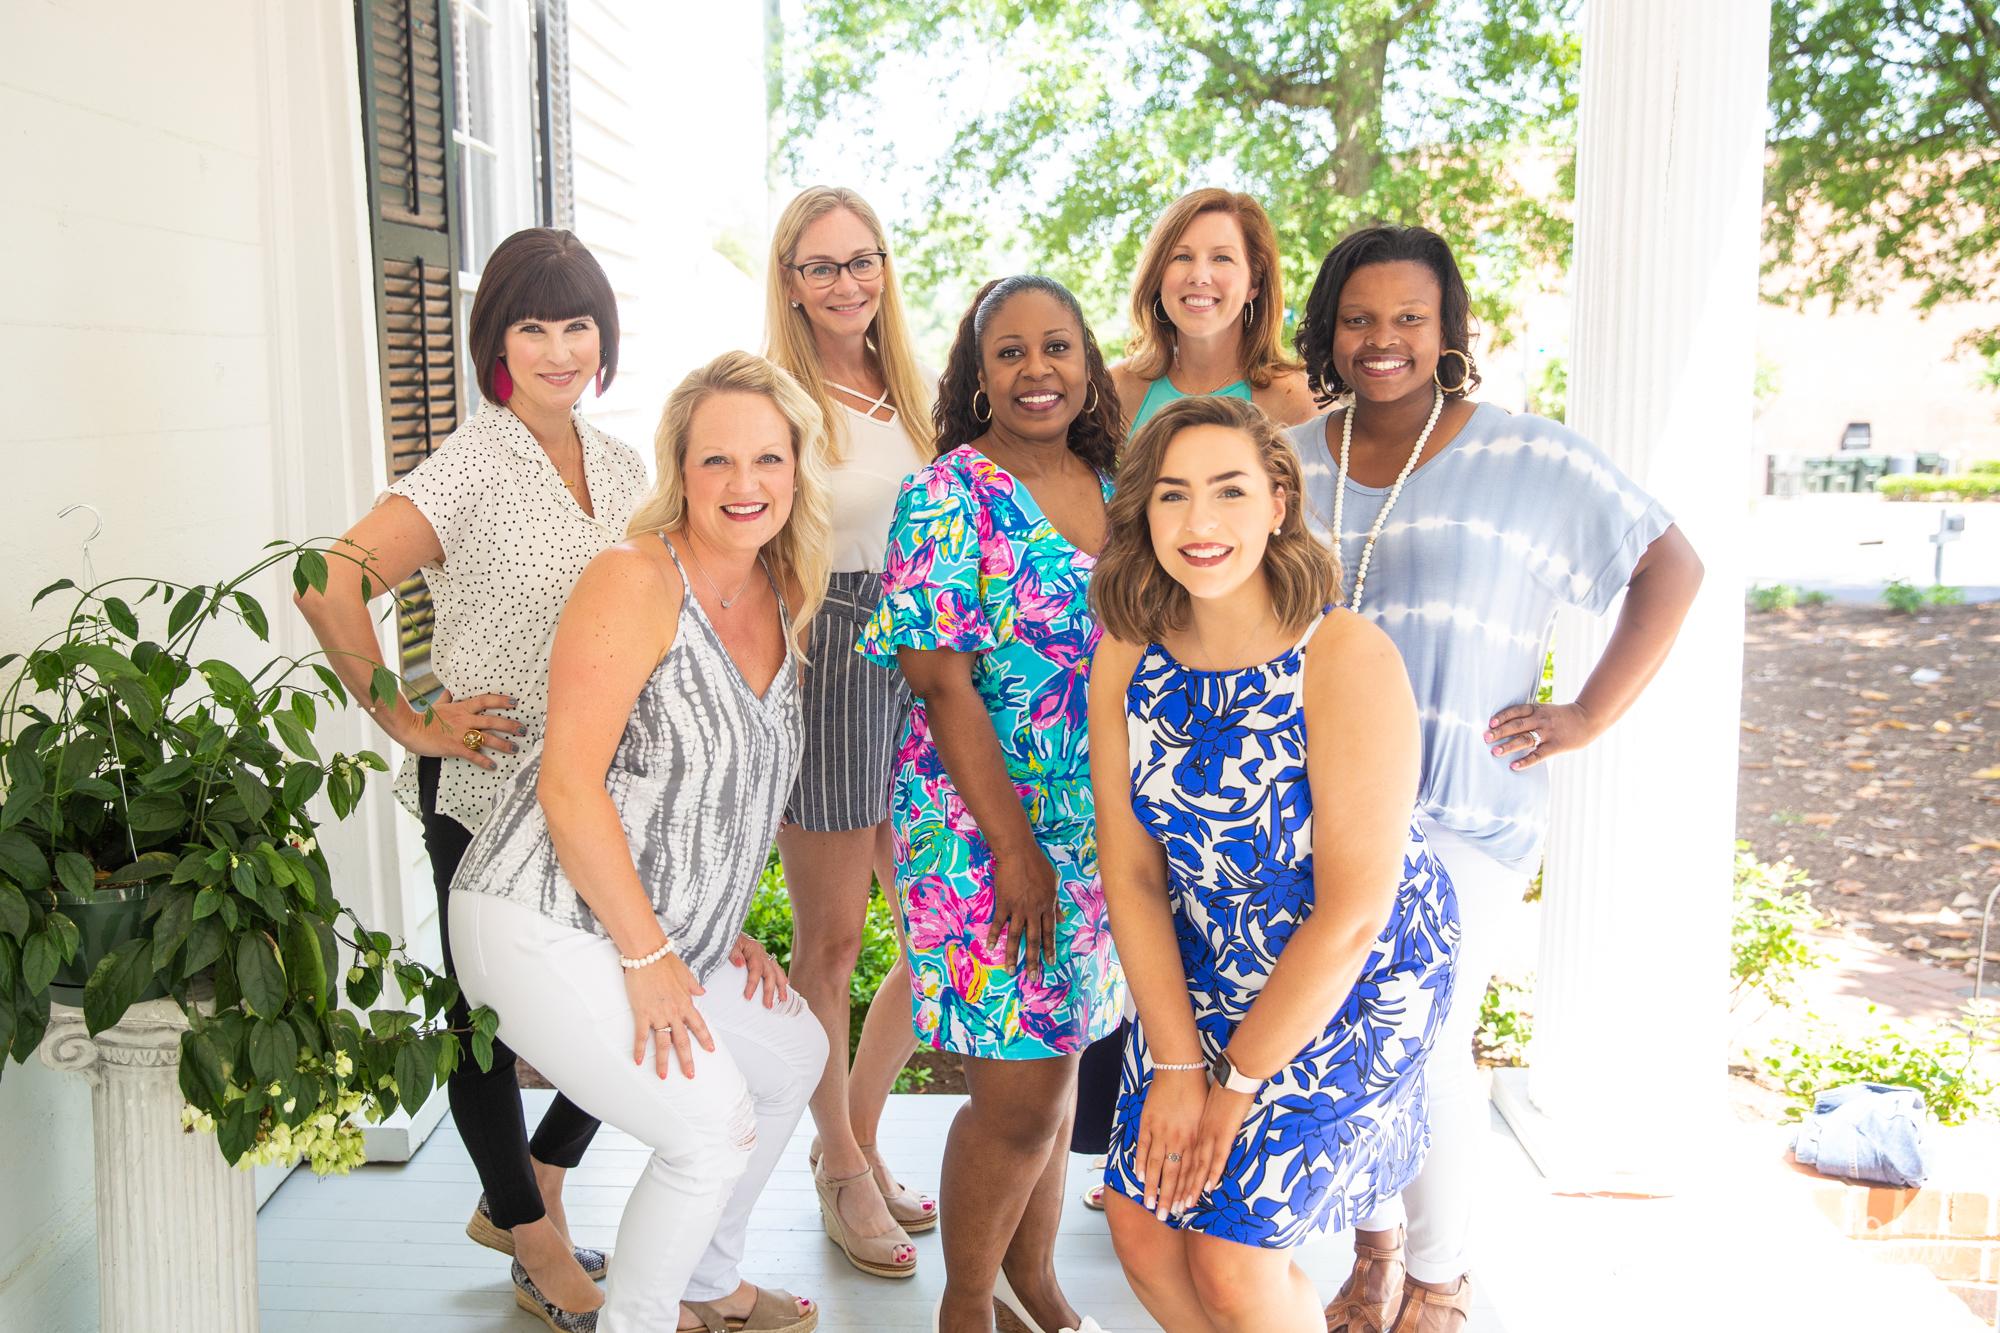 Group of women posing